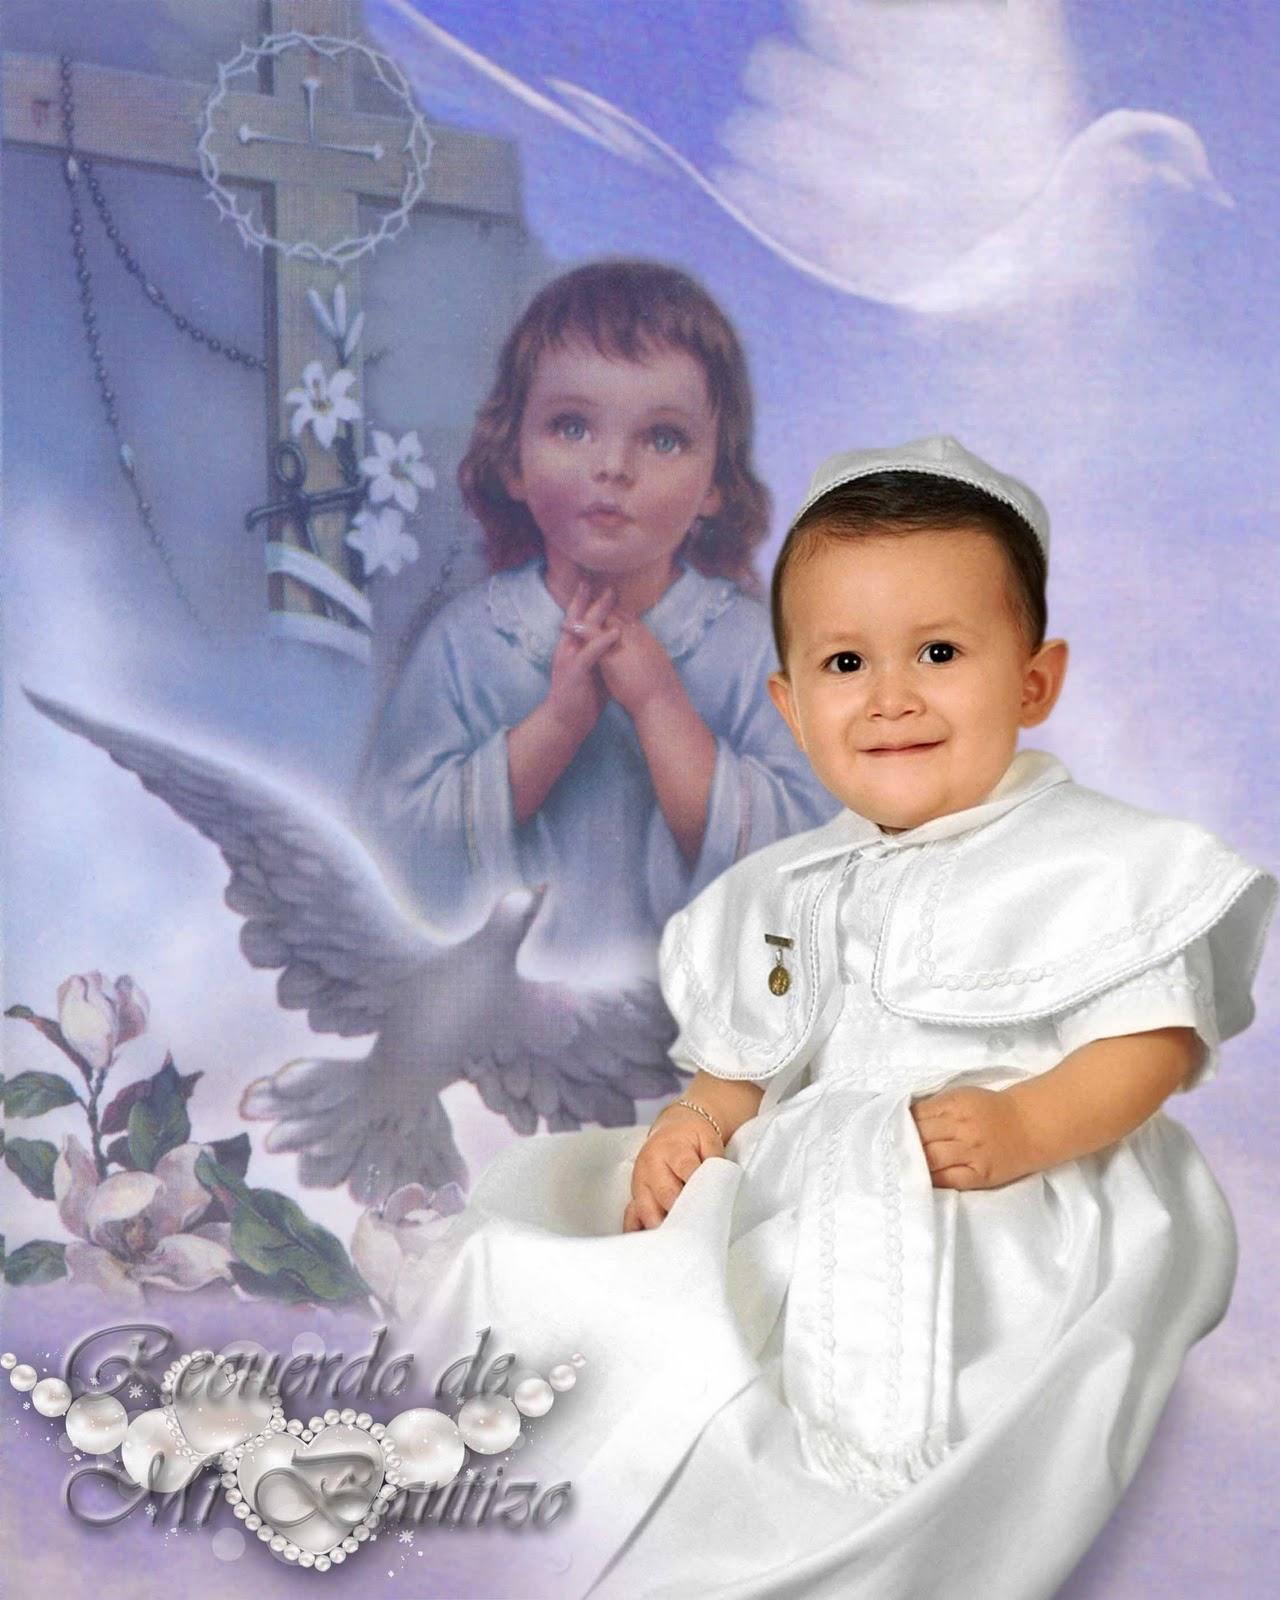 gráfico** Plantillas para photoshop.: Fondo para bautizo en psd